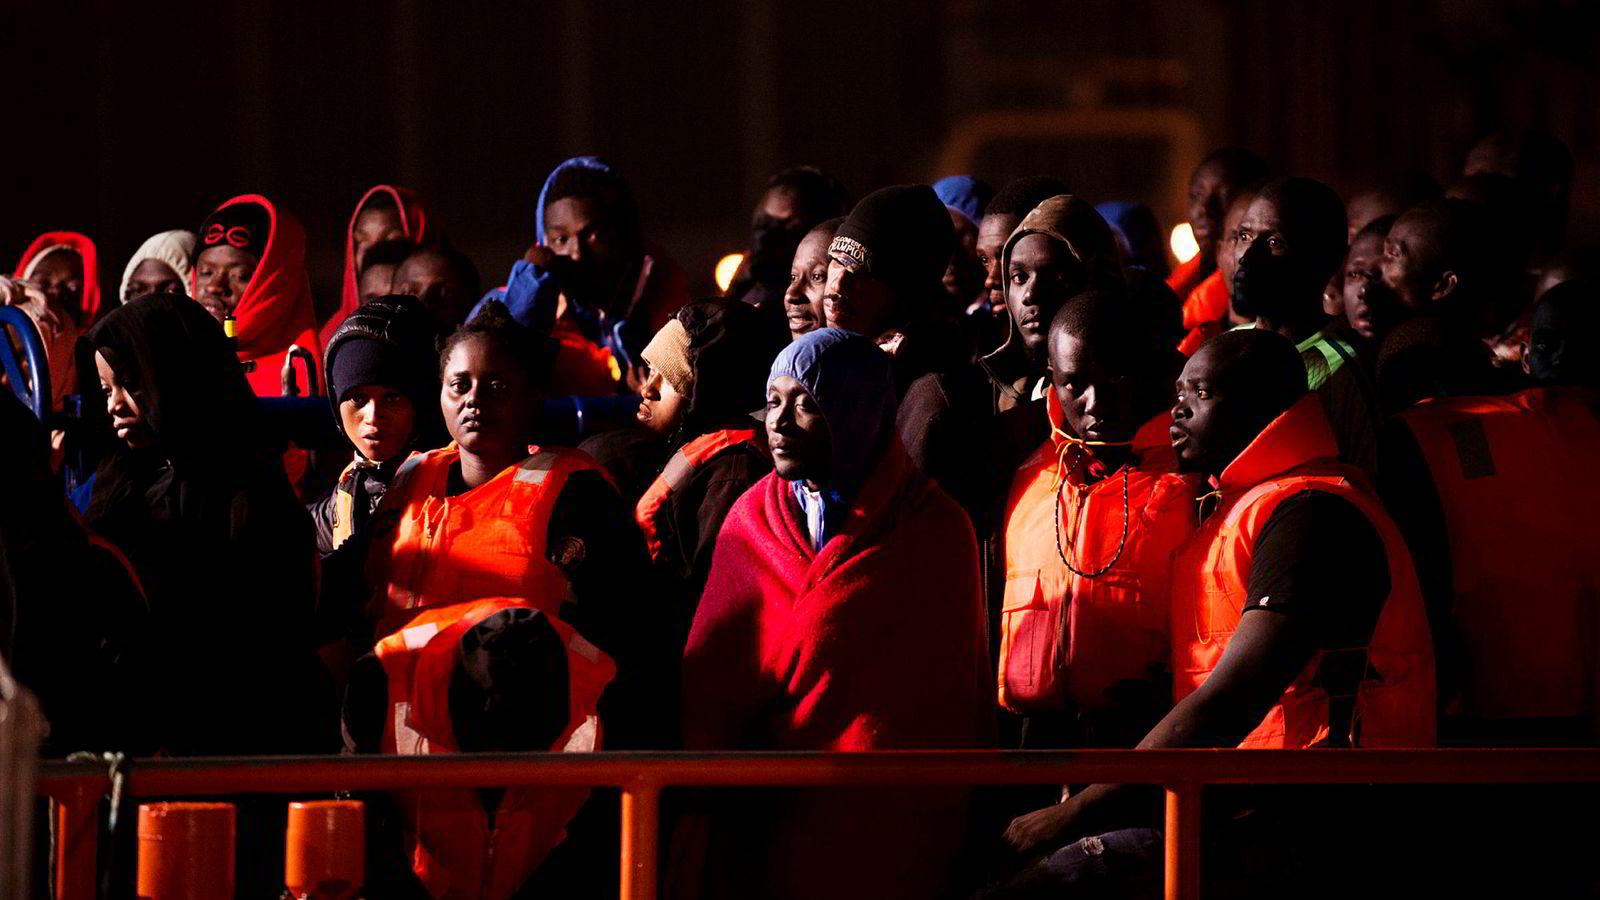 Spania er nå det viktigste landet for migrantankomster i Middelhavet, og Marokko har tatt over som det viktigste avreiselandet for flyktninger.